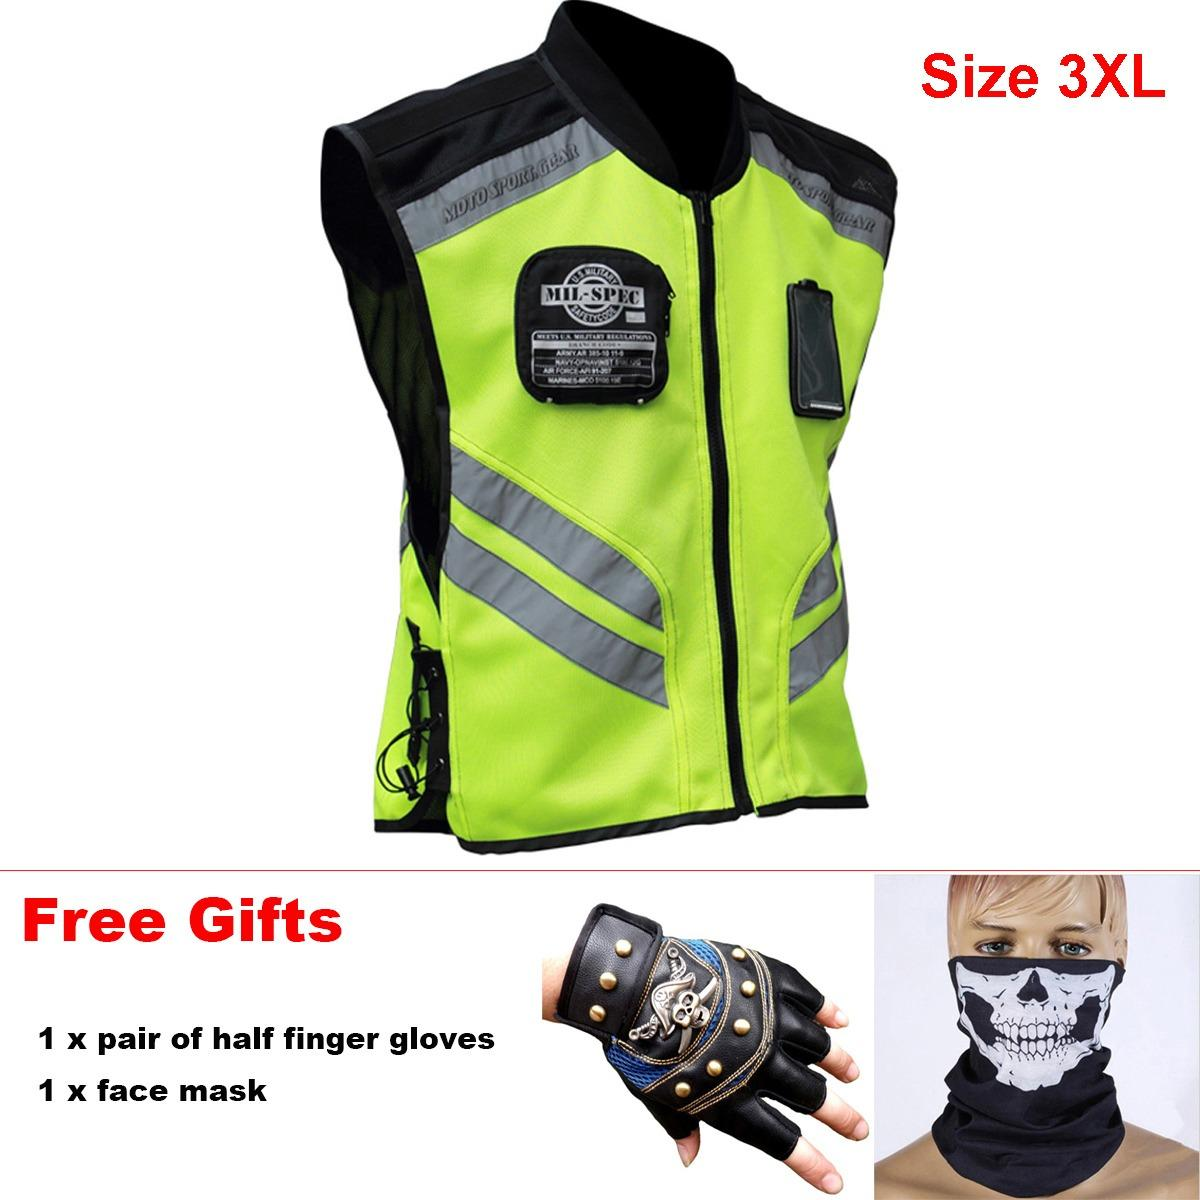 ... JM Carva Rompi Jacket Motif Kotak Coklat Source Suku Berkuda JK 22 Kualitas Tinggi Jaket Rompi